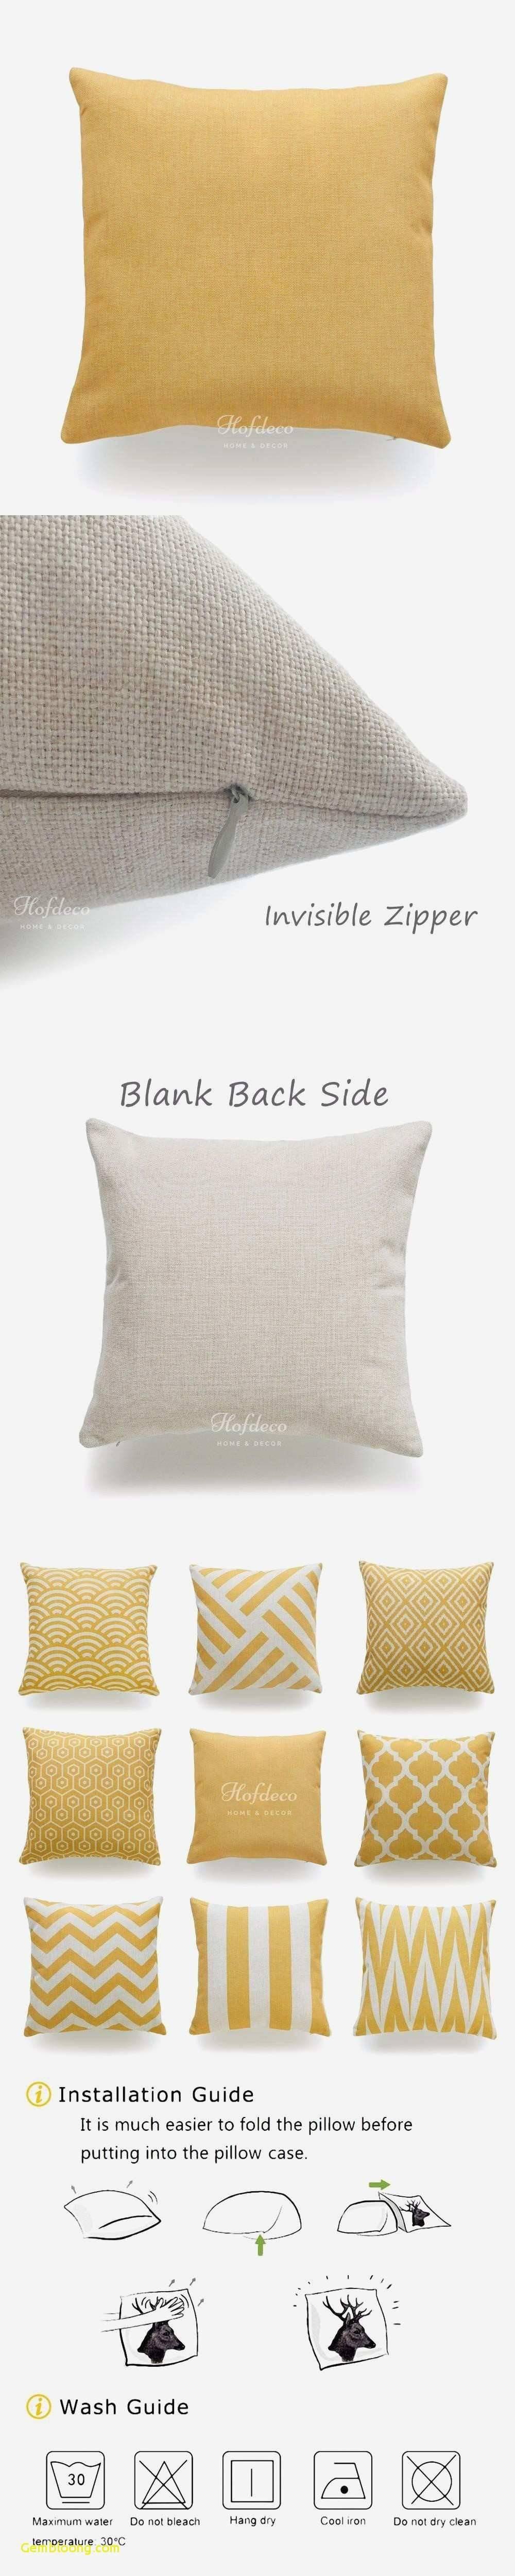 best pillow ever of throw pillows sofa facesinnature pertaining to modern pillows for living room unique decor decorative pillows decorative pillows 0d decors